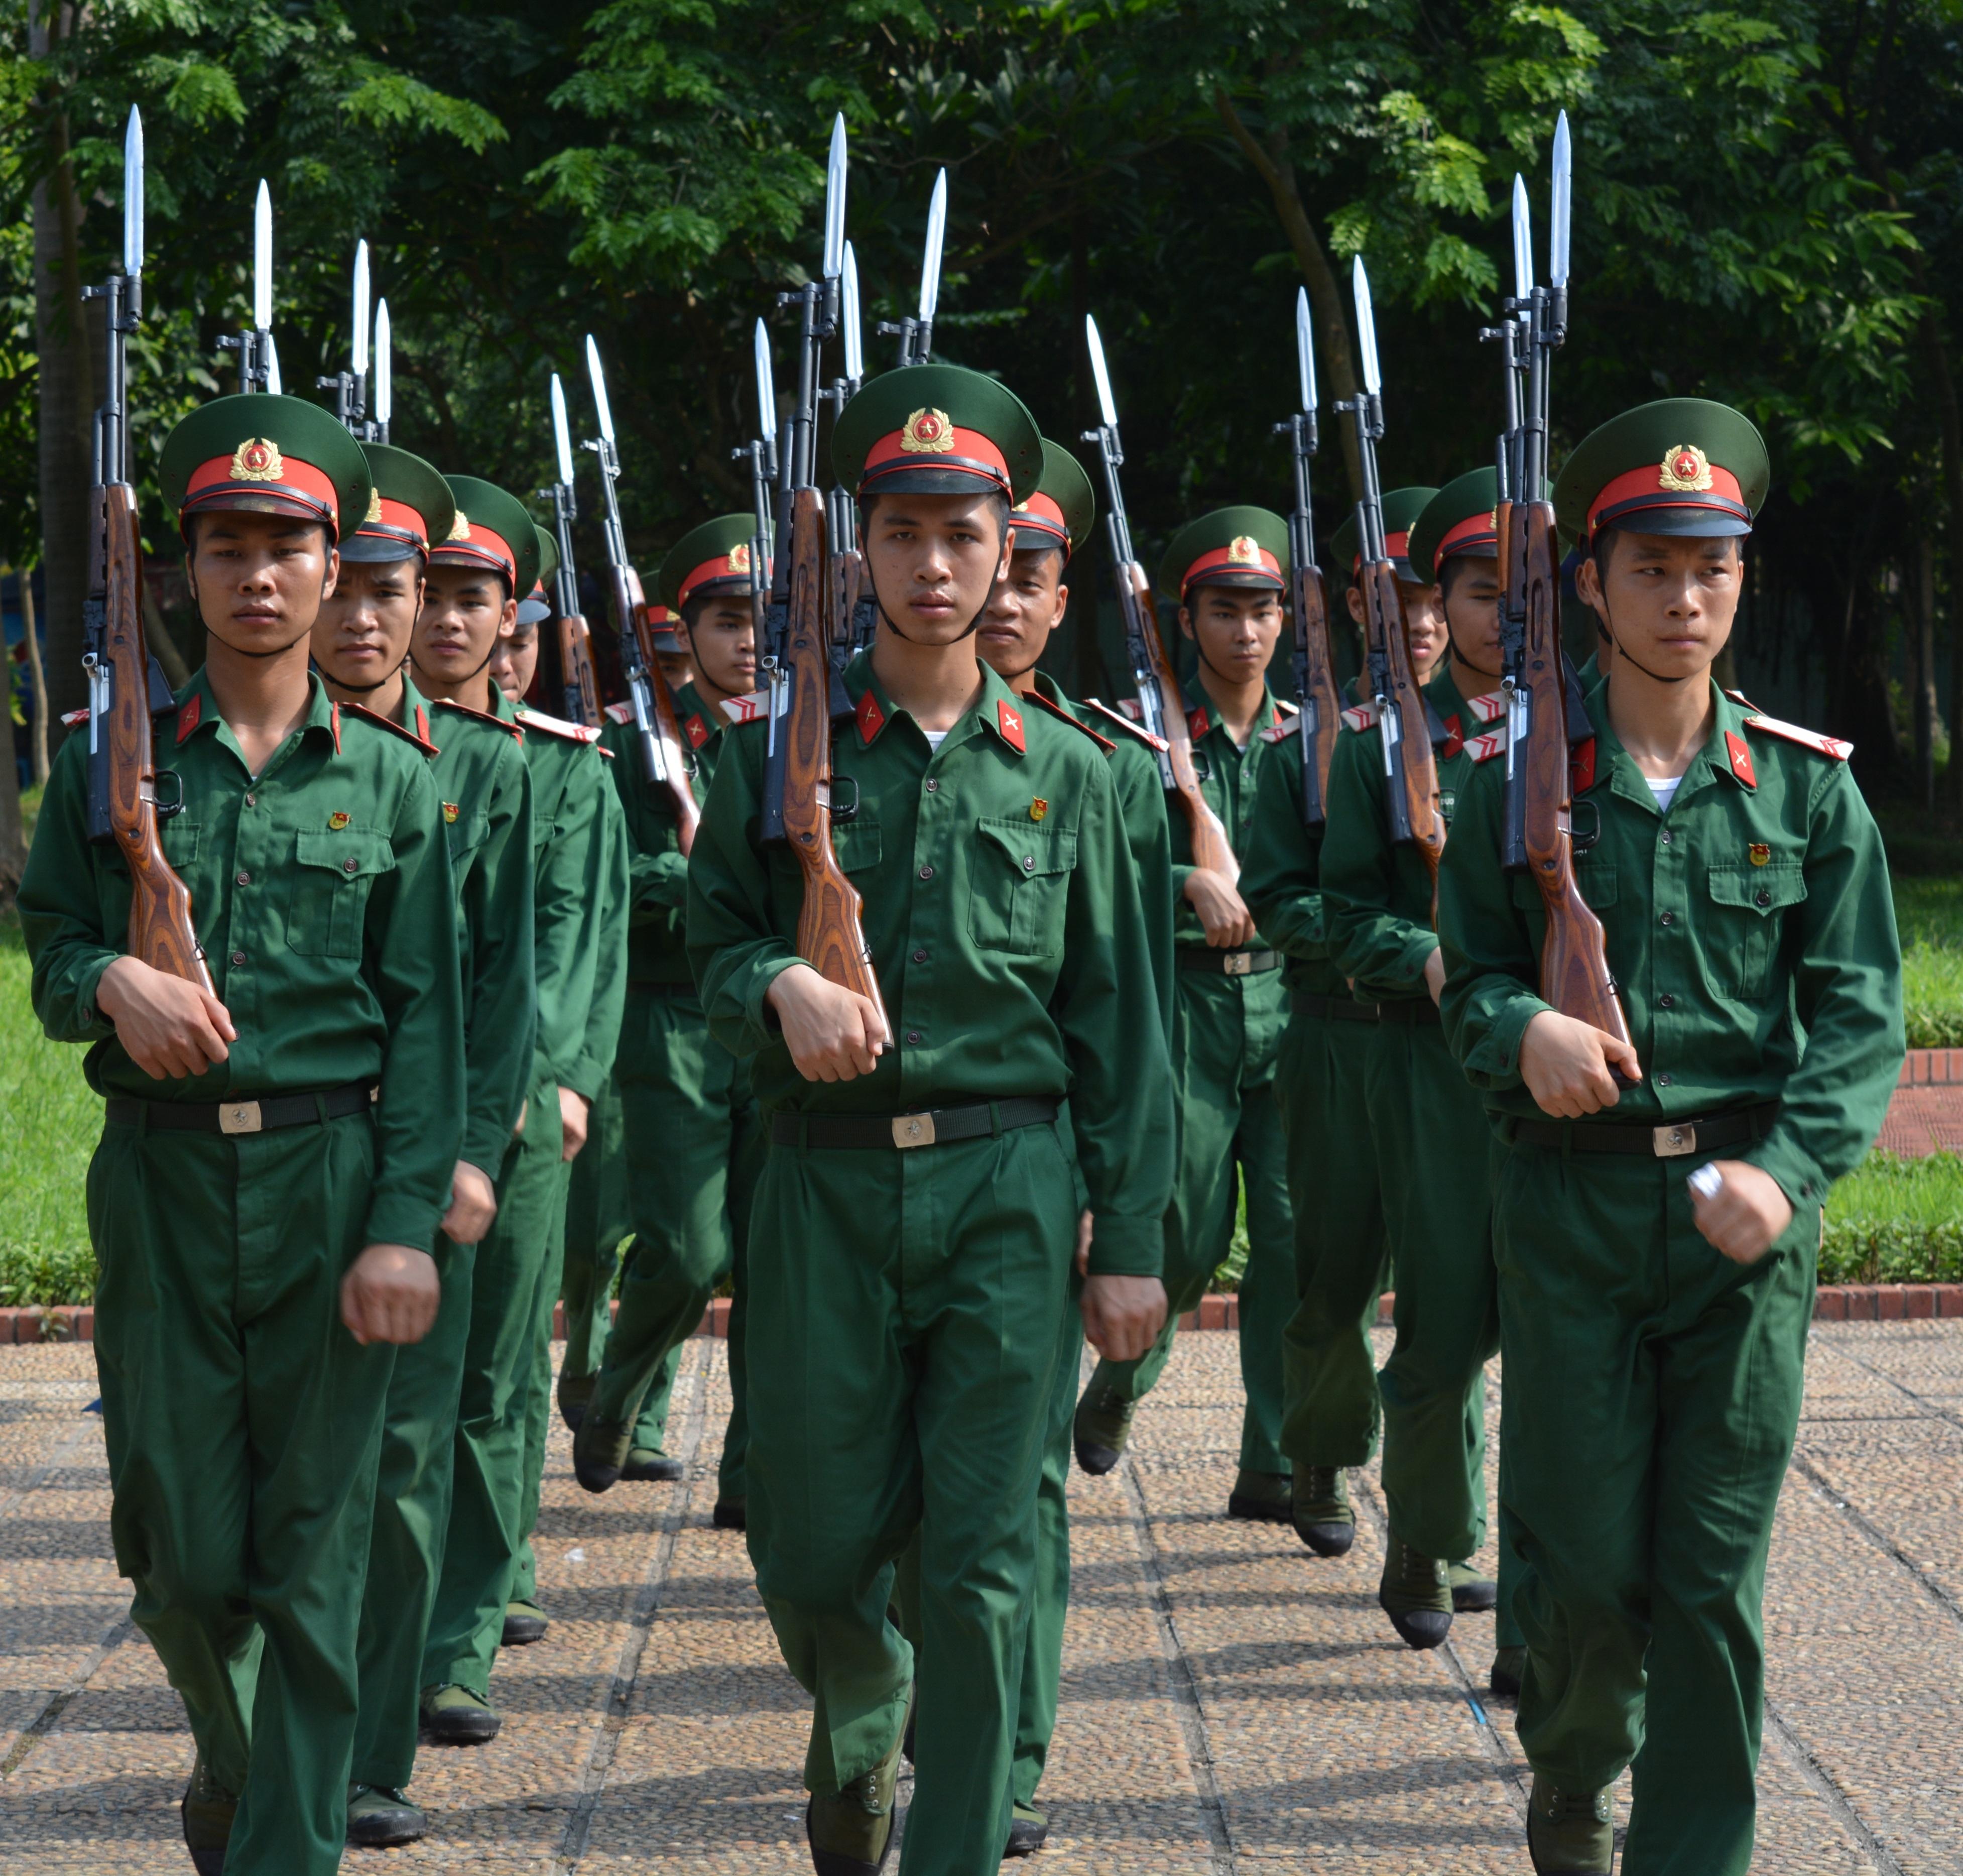 hình ảnh : những người, quân đội, chuyên nghiệp, quyền lực, Súng trường, Binh lính, Việt Nam, Diễu hành, Quân đội, cán bộ, Bộ binh, Bảo vệ danh dự, Dân quân ...